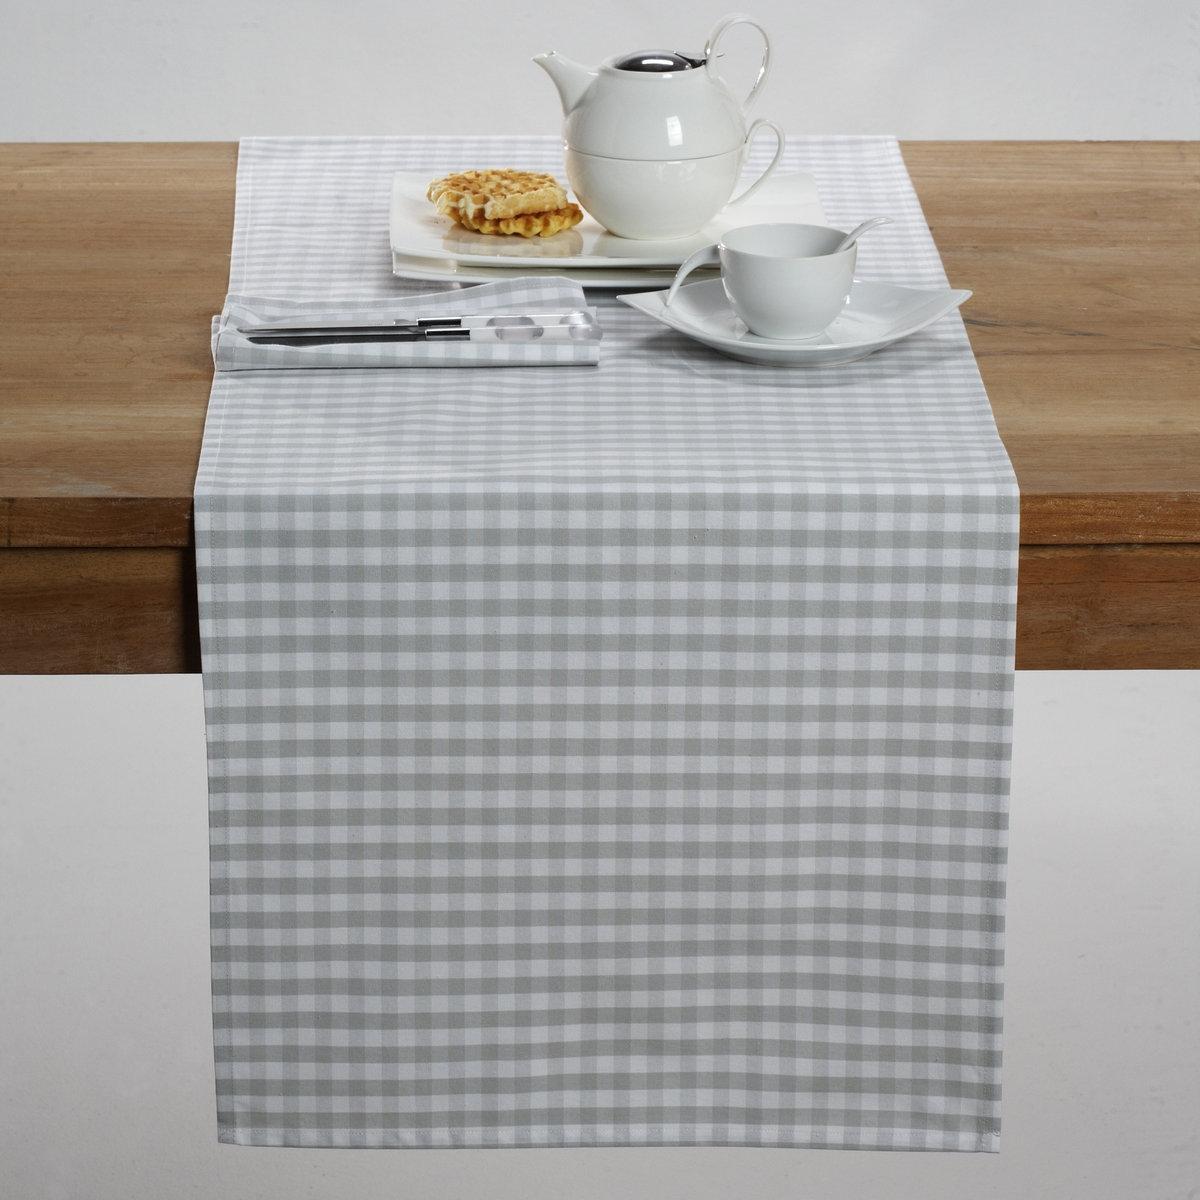 Дорожка столовая ГАРДЕН ПАТИОписание столовой дорожки:100% хлопка.Стирка 60°.Размеры столовой дорожки:45 x 145 см. Найдите подходящий столовый комплект на нашем сайте.<br><br>Цвет: серо-коричневый,серый/ белый,синий/ белый<br>Размер: 45 x 150  см.45 x 150  см